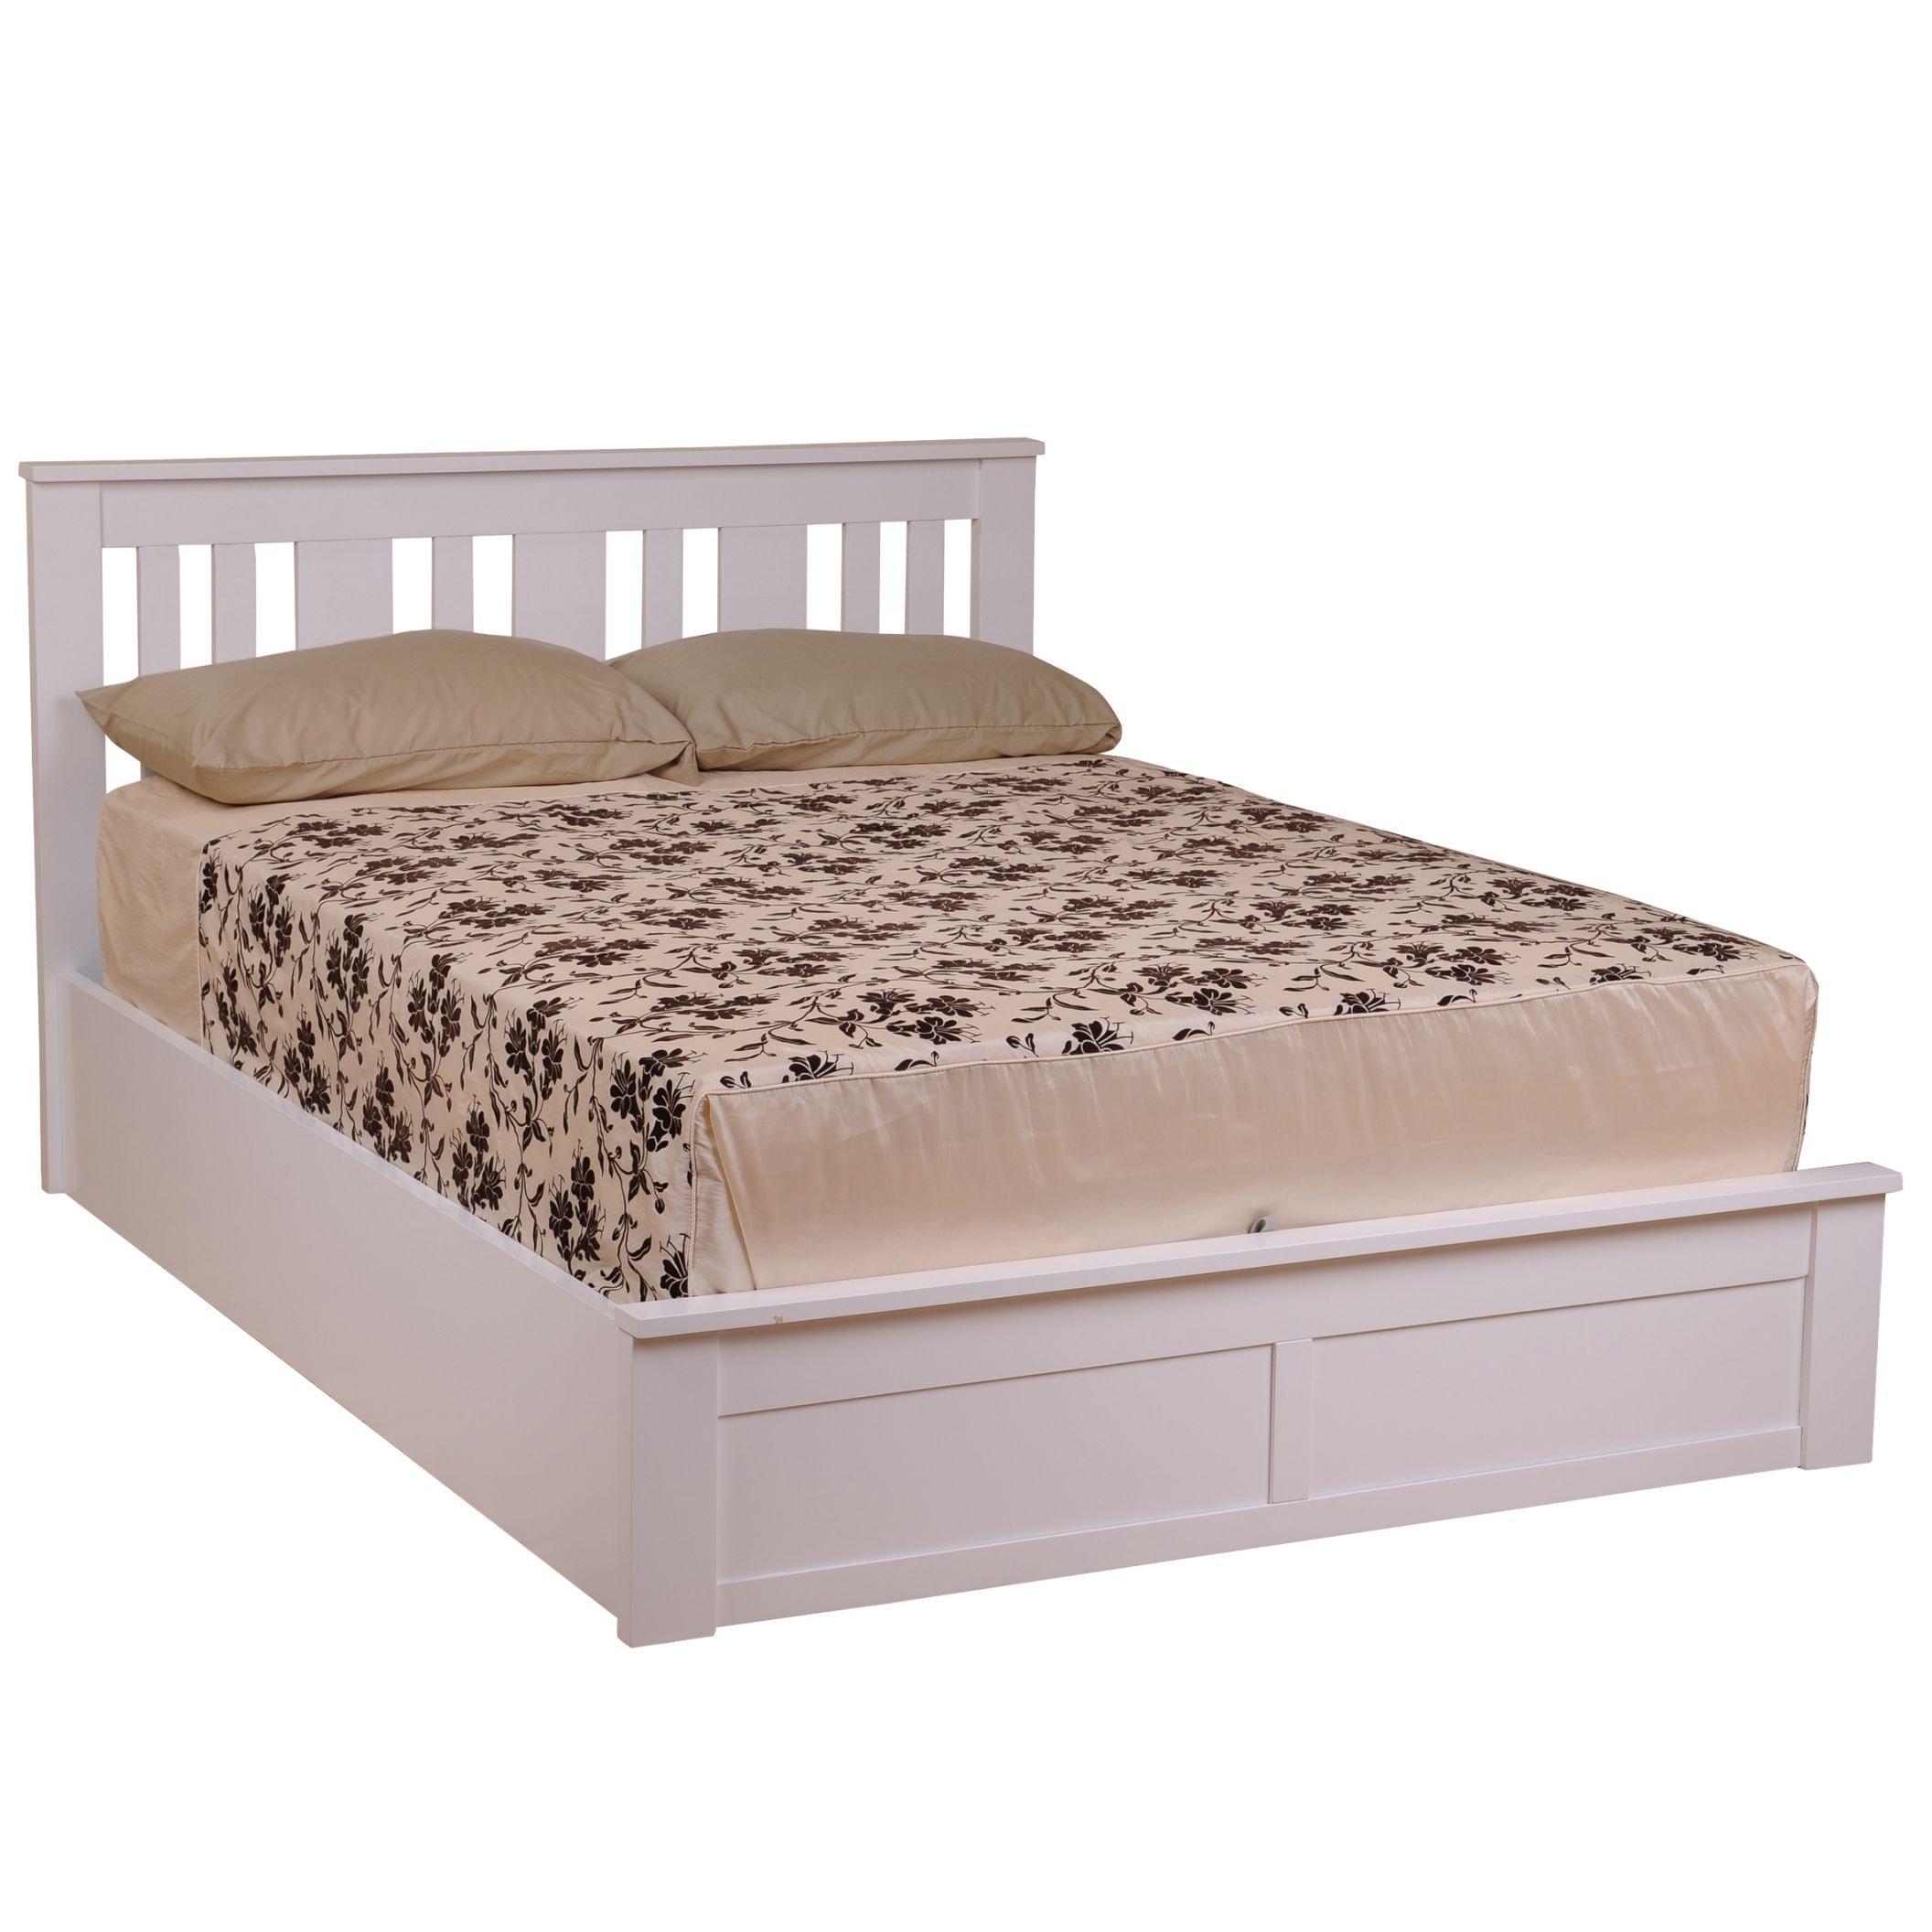 premium selection bb33c c1c6c White Coliseum Wooden Ottoman Bed